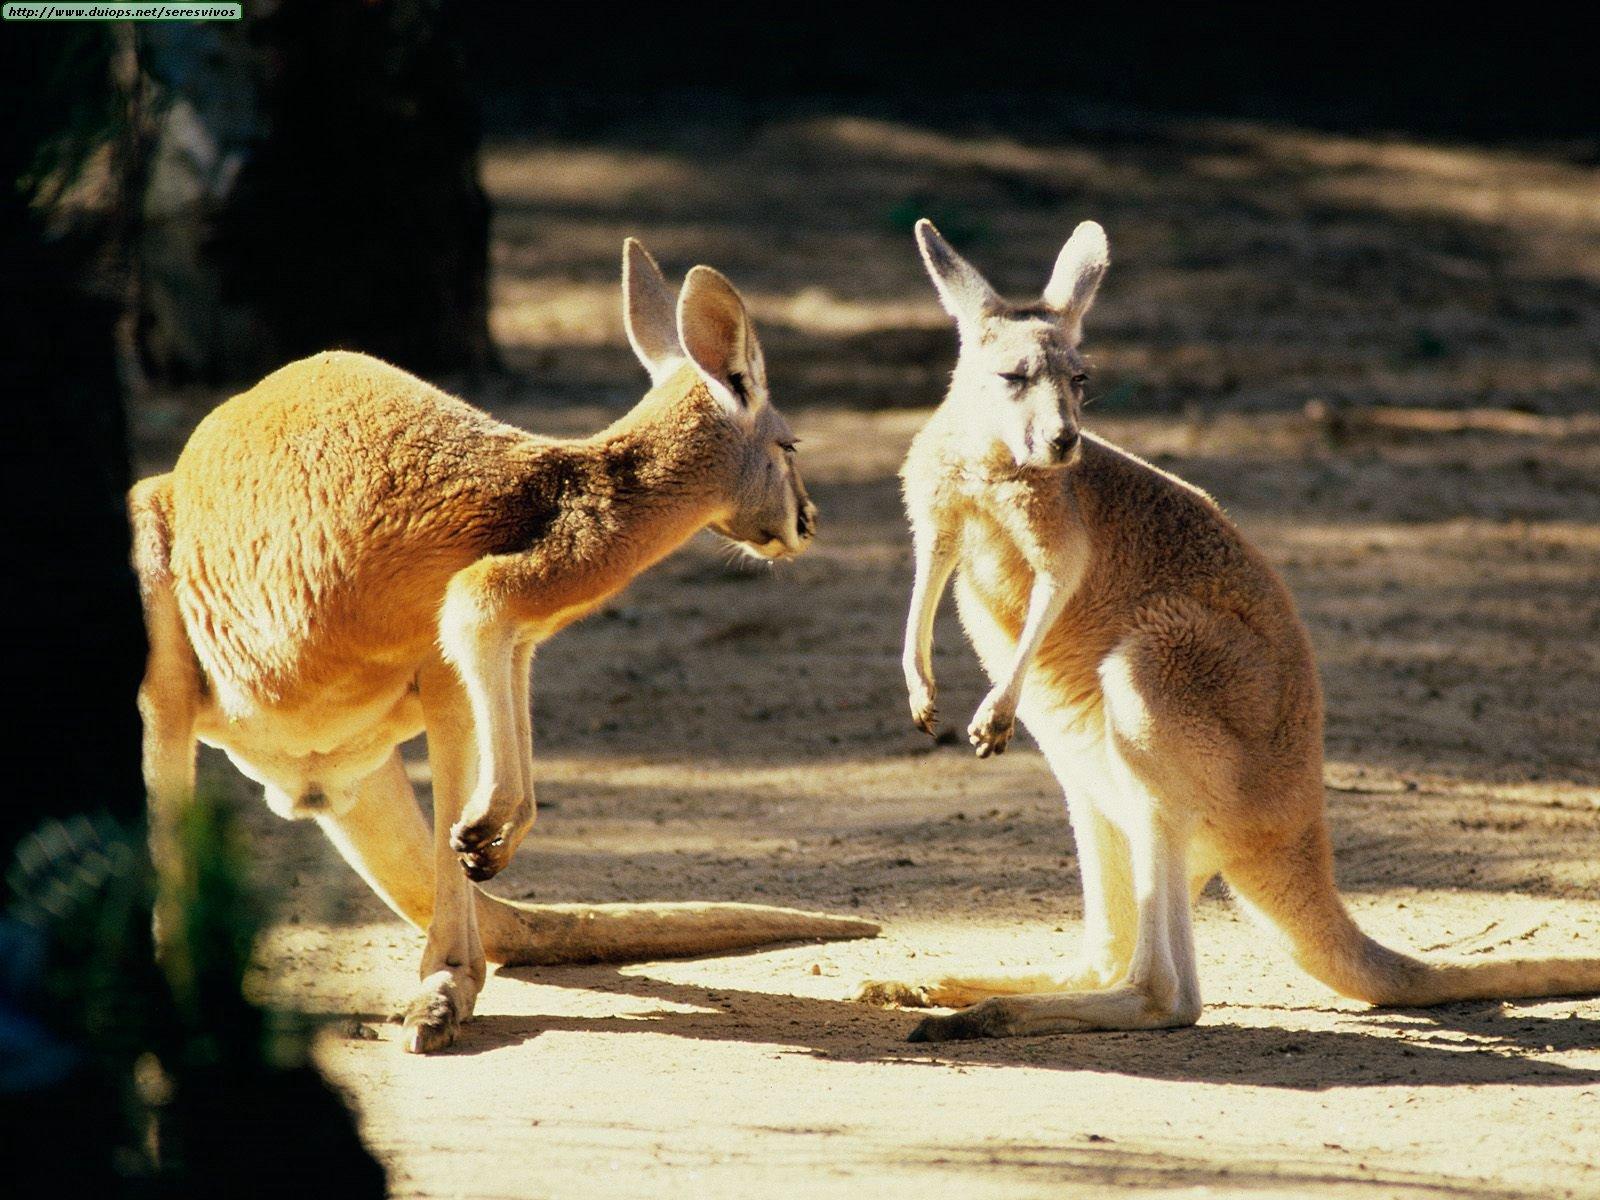 El Canguro  [Peligro de Extinción] - Salvemos el Planeta!